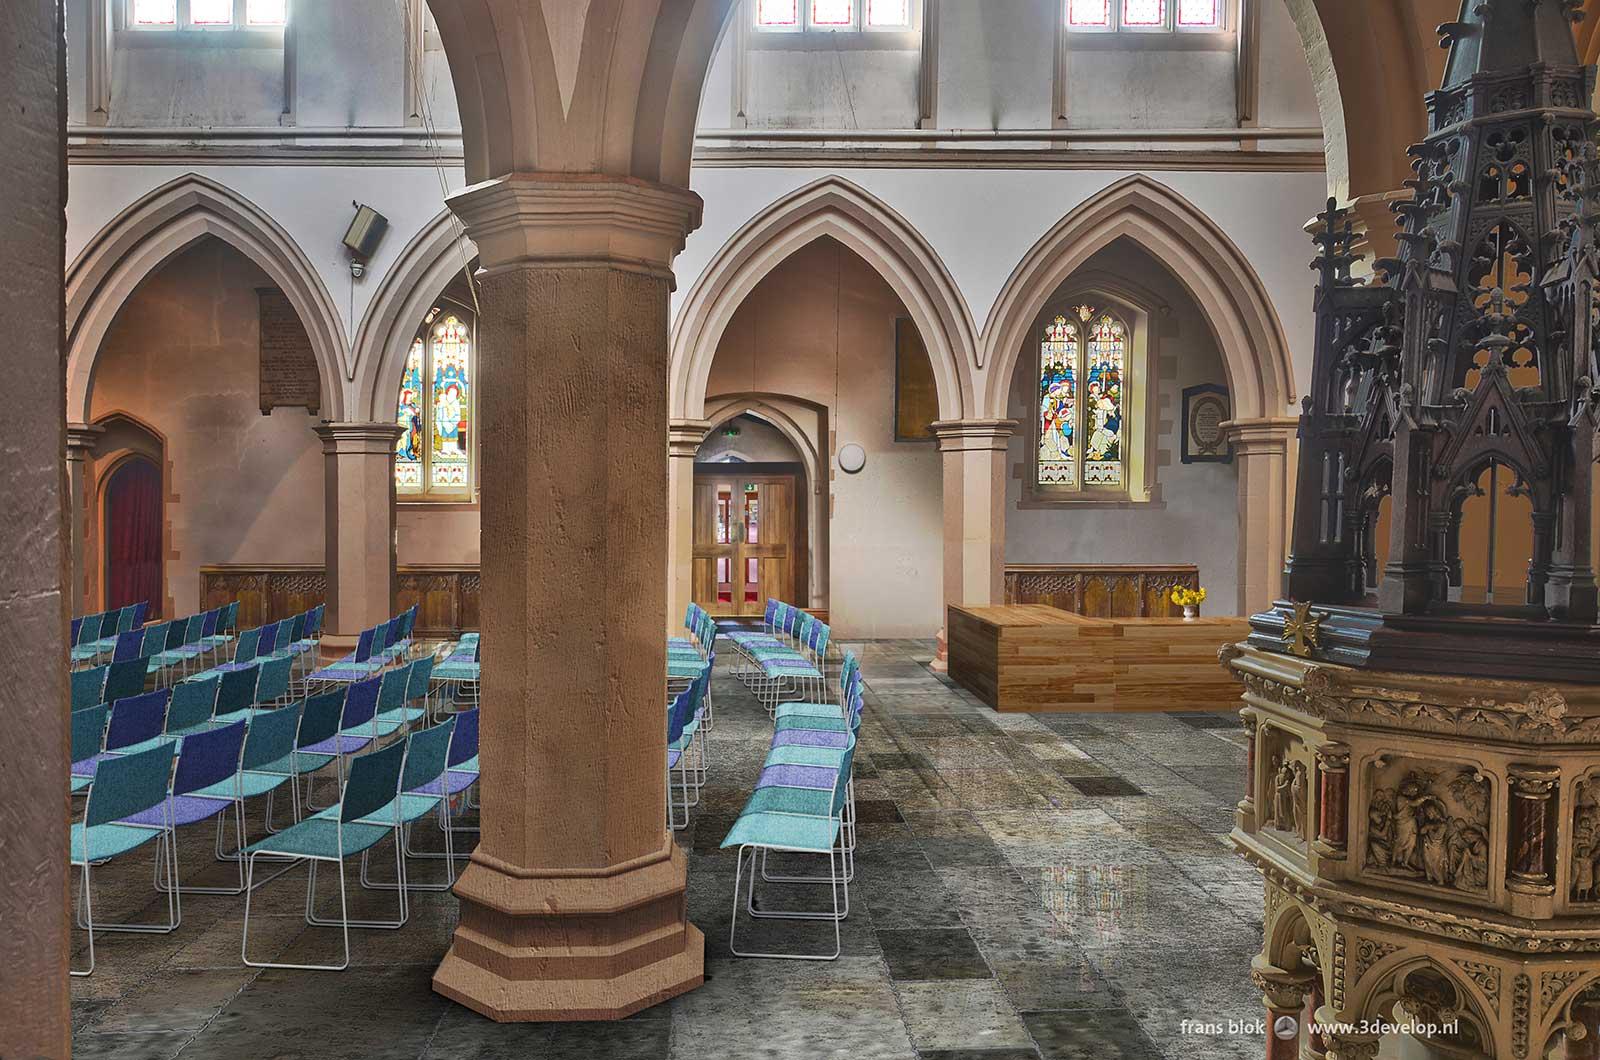 Interieurbeeld van St.Mary's church in Watford, kijkend vanaf de noordelijke zij-ingang